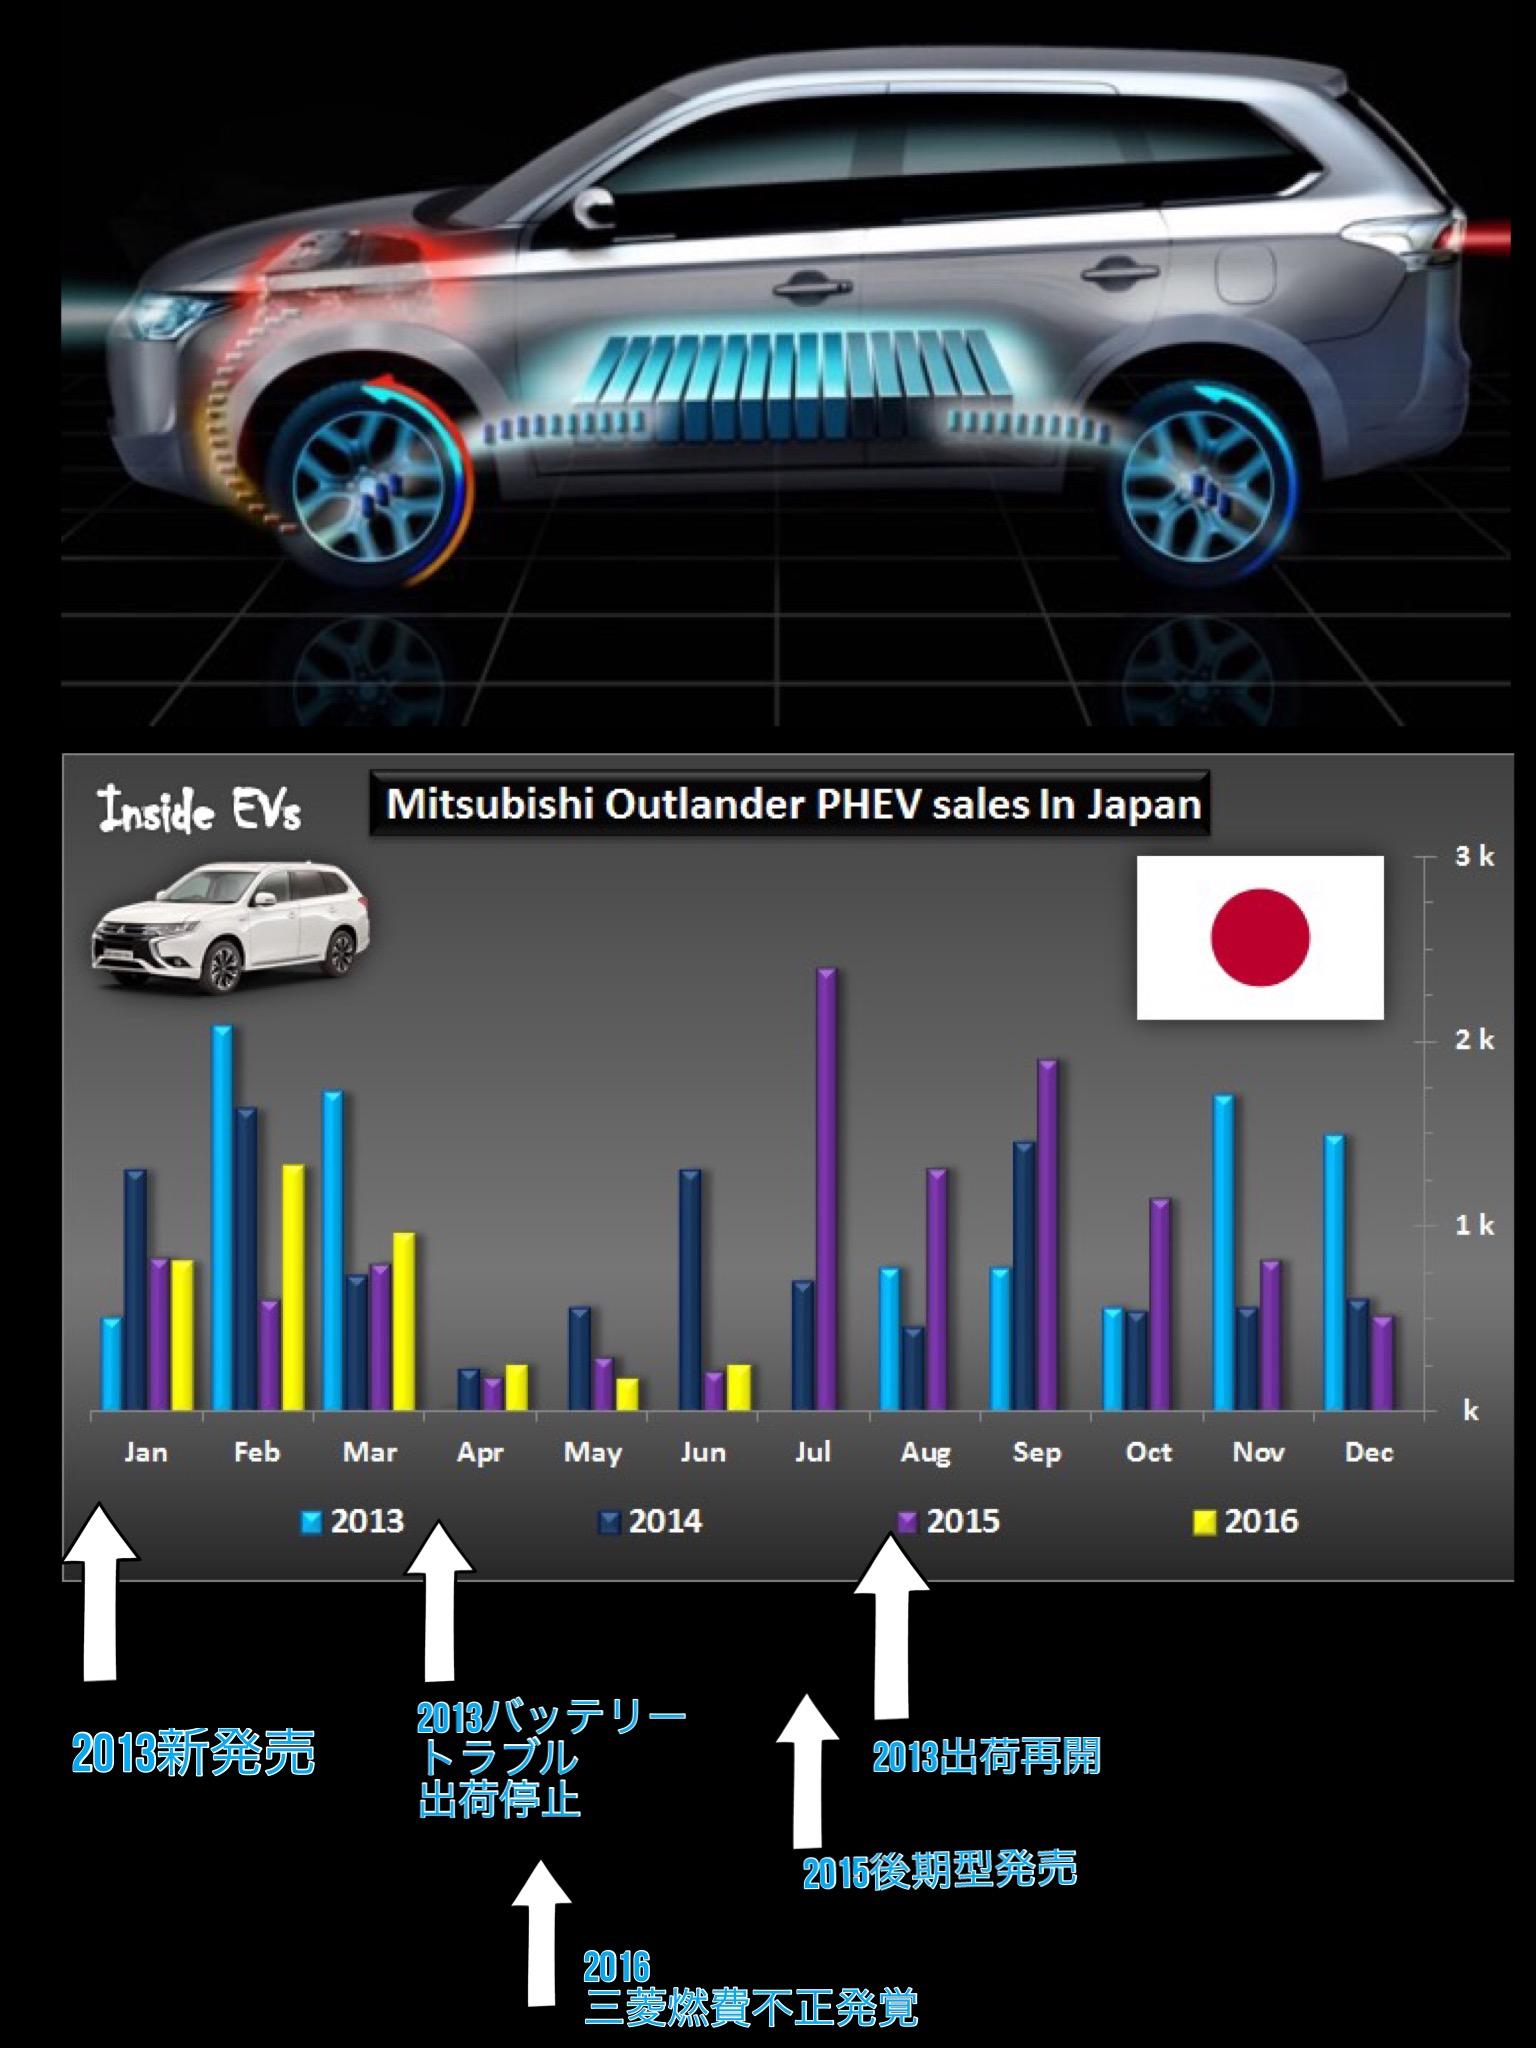 アウトランダーPHEV 2013発売以来の日本での月別販売台数